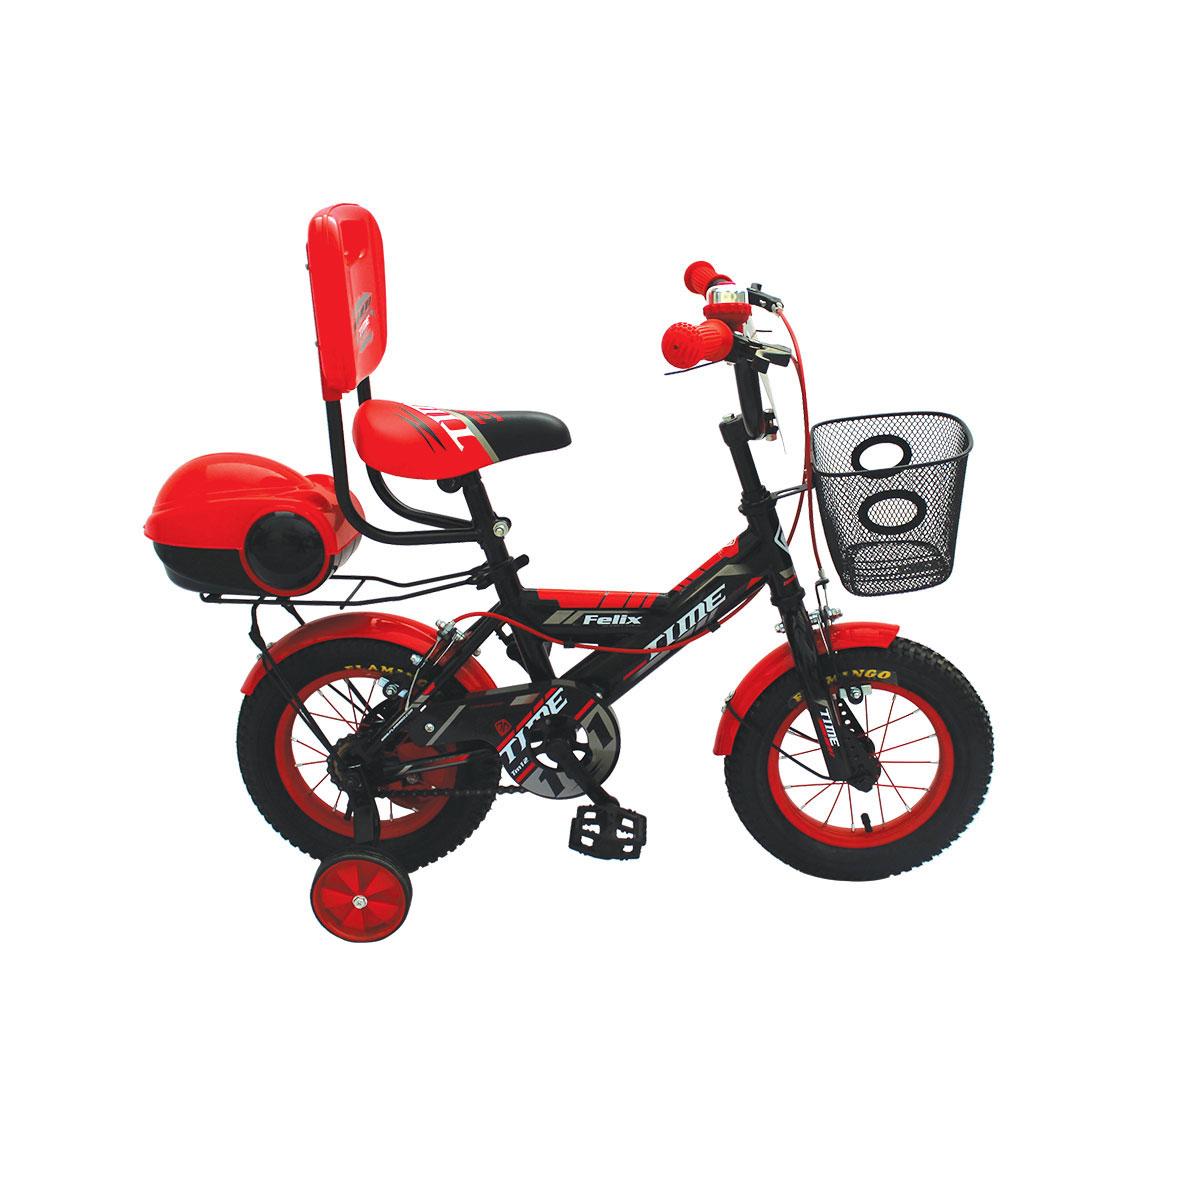 دوچرخه شهری تایم مدل Felix سایز 12